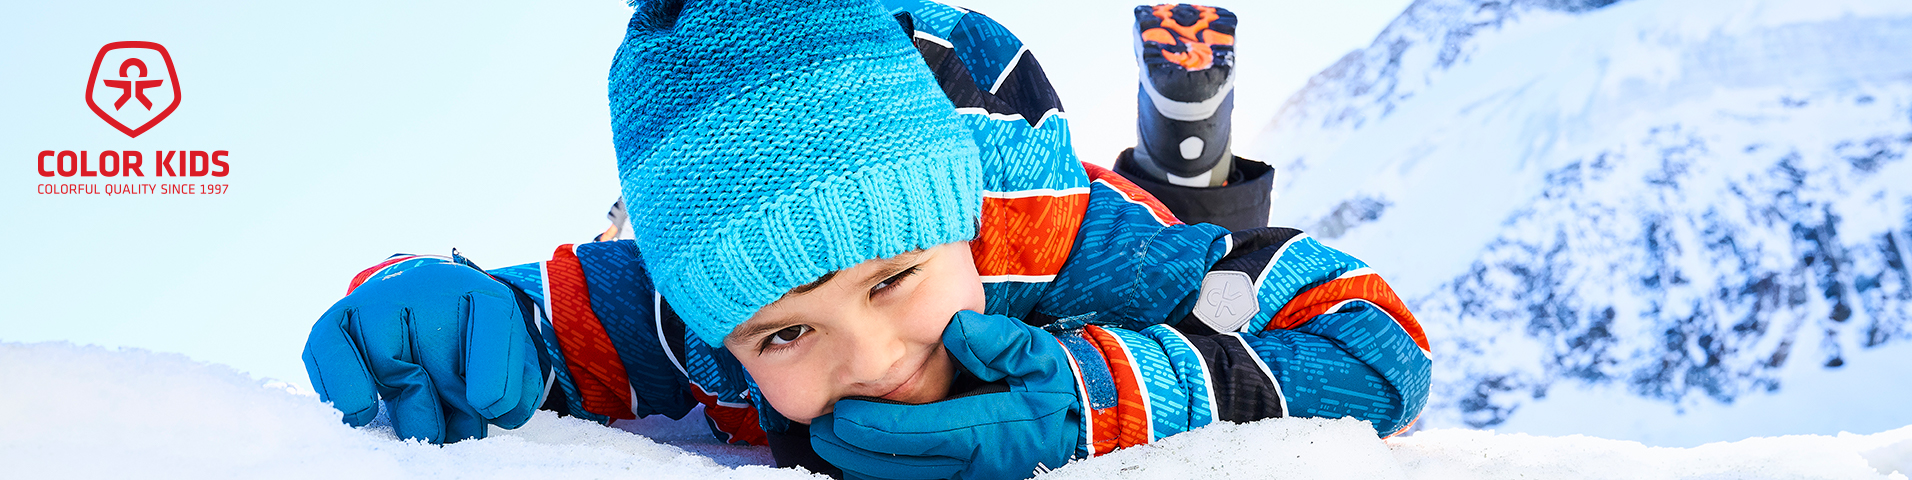 geschickte Herstellung niedriger Preis Brauch Color Kids Kindermode | Color Kids bei Zalando.de